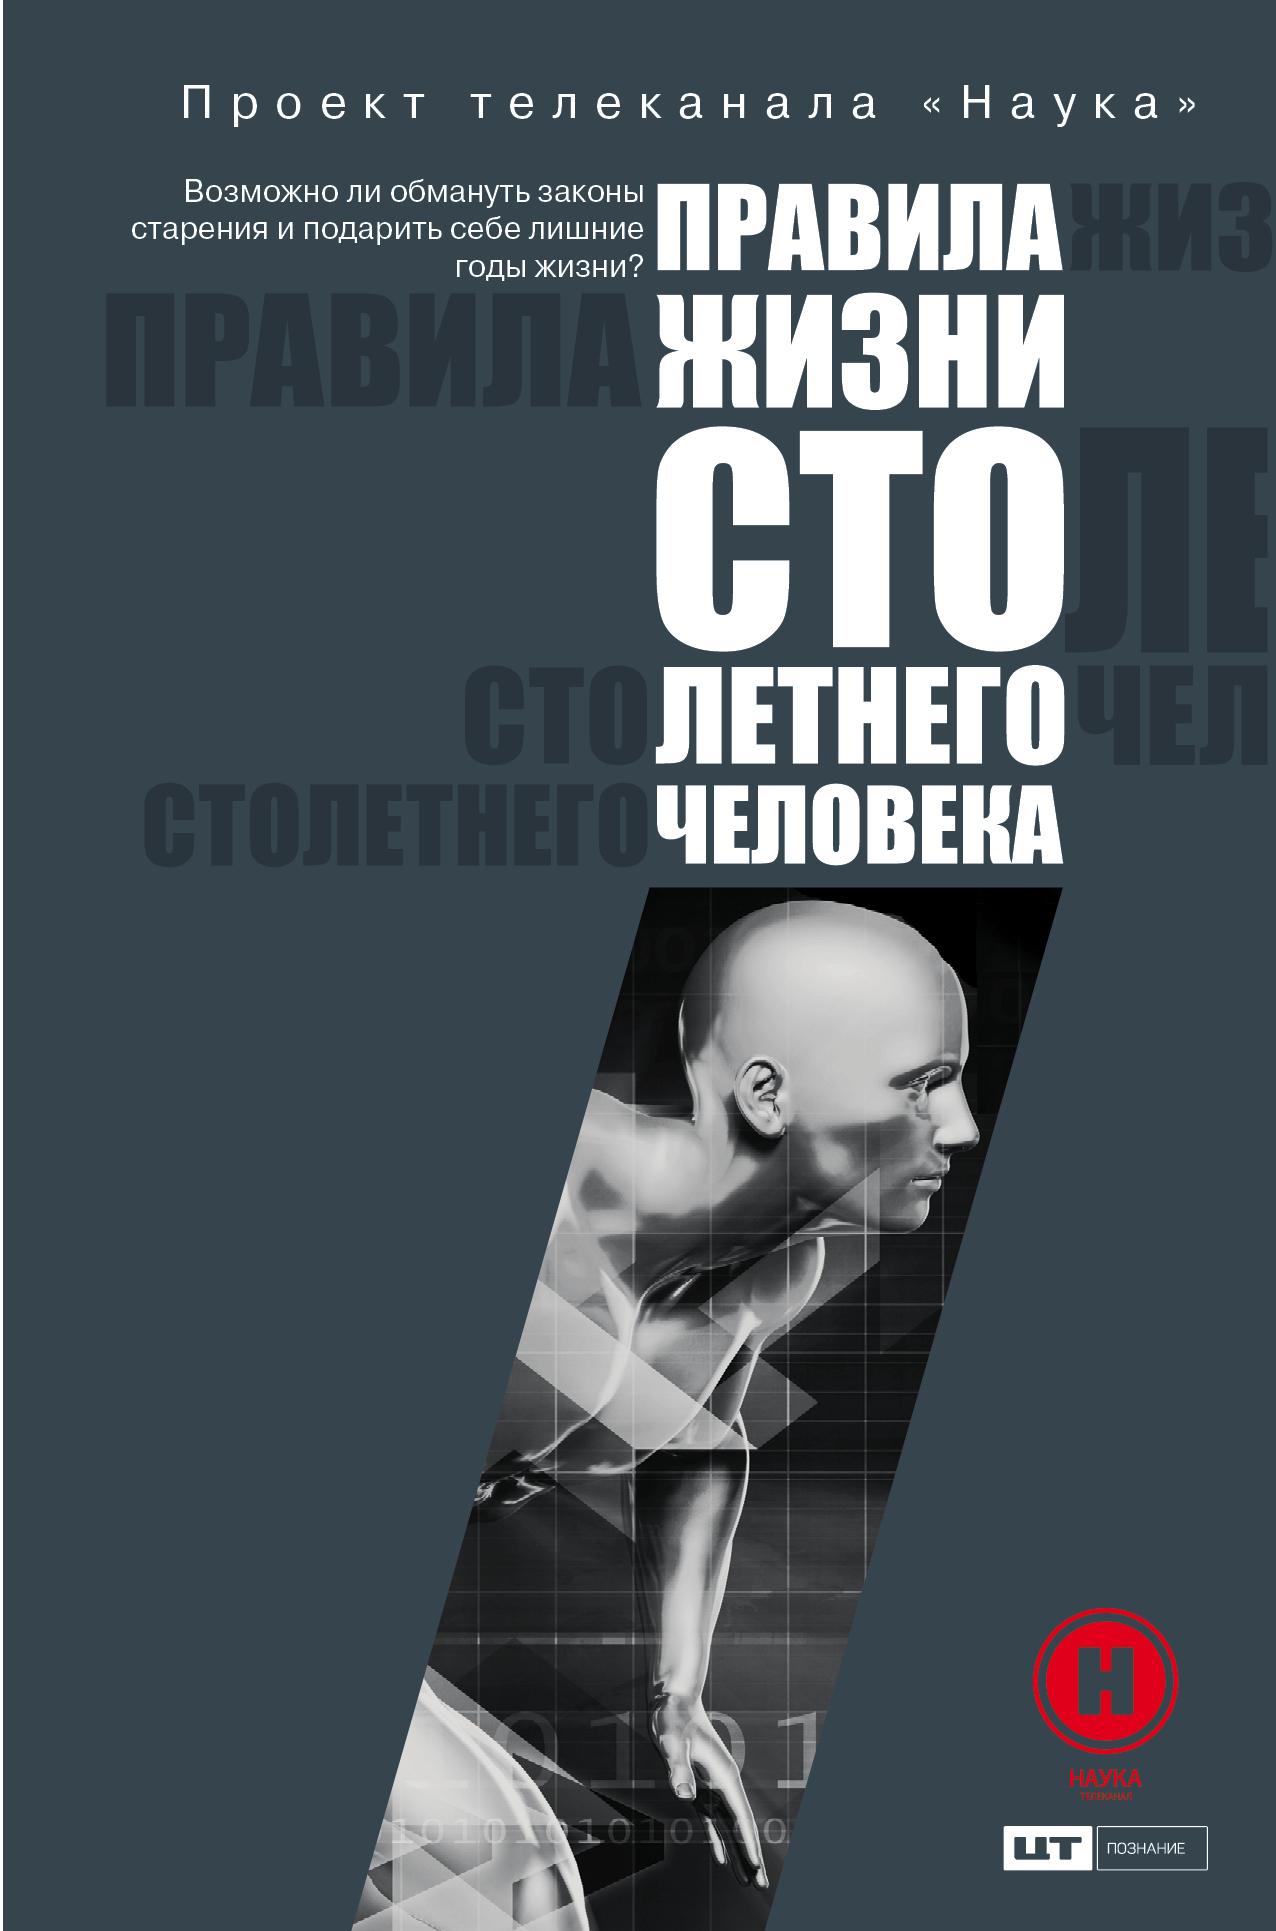 Правила жизни 100-летнего человека ( Нечаев Сергей Юрьевич  )